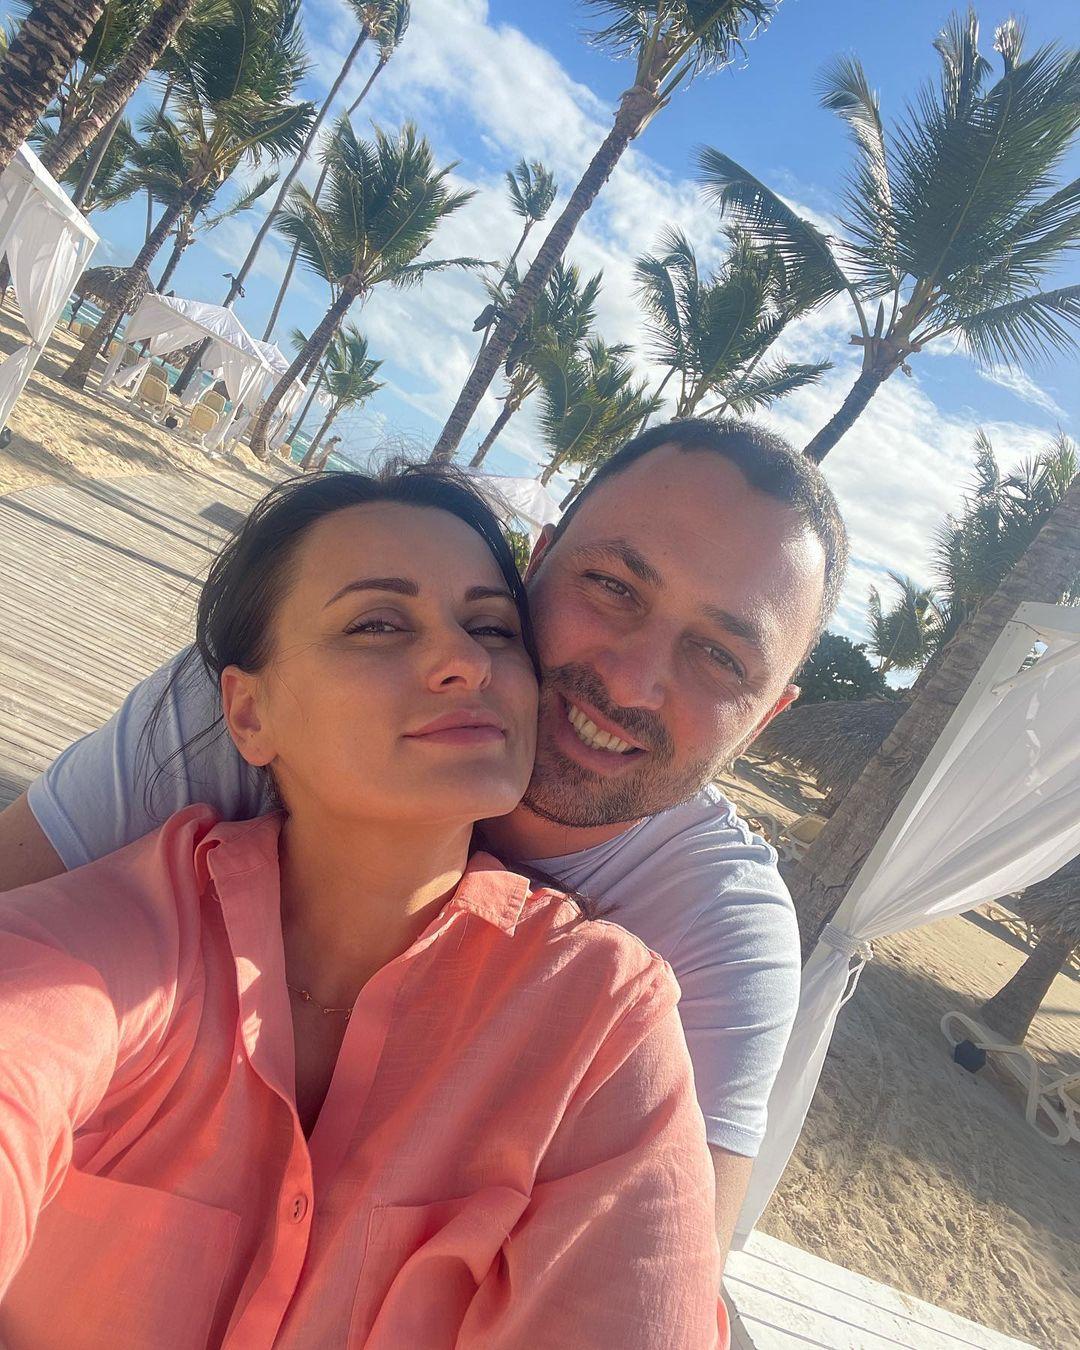 """Звезда """"МастерШеф"""" выходит замуж во второй раз: страстные фото с избранником"""